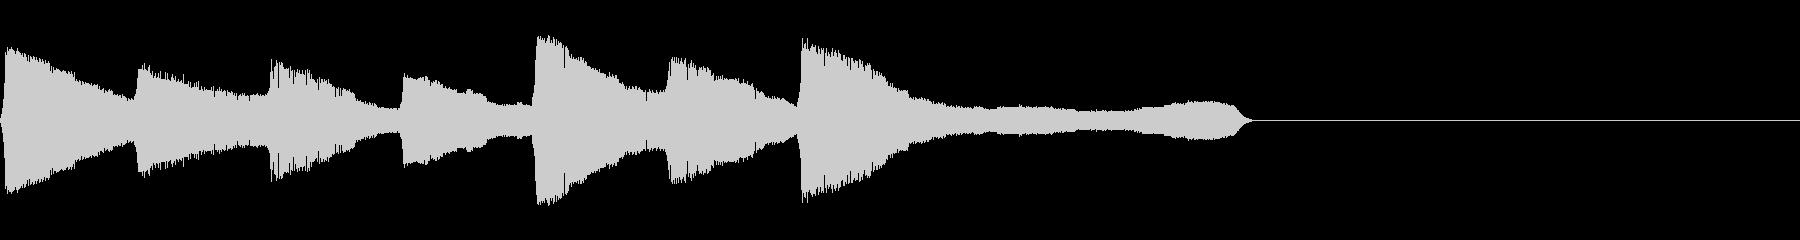 チャララララ(回復クリア/ファミコン#2の未再生の波形